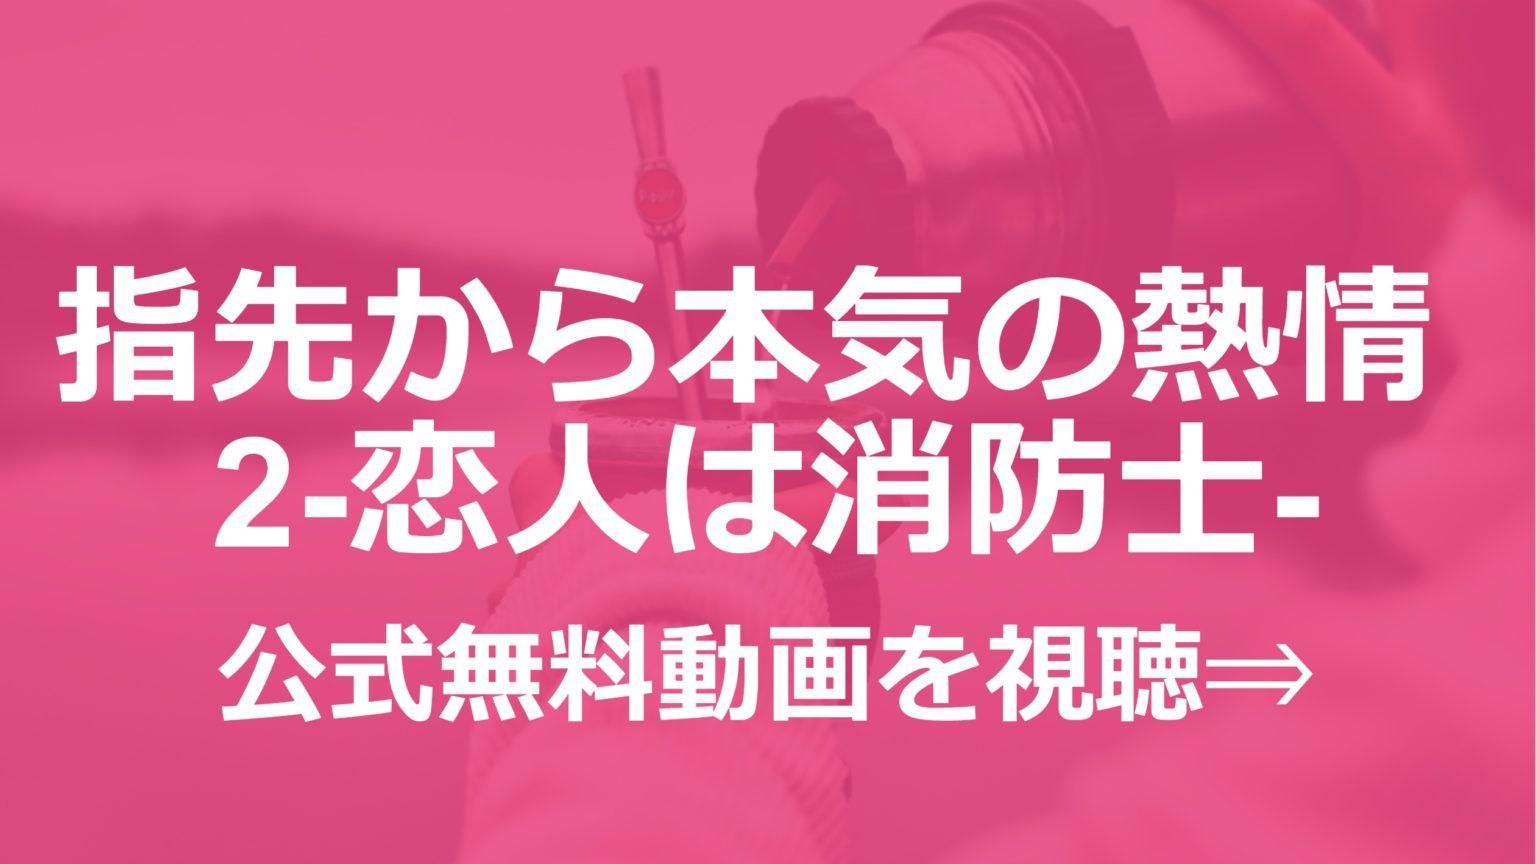 アニメ「指先から本気の熱情 2-恋人は消防士-」無料フル動画を1話~全話視聴できる公式配信サービスまとめ!